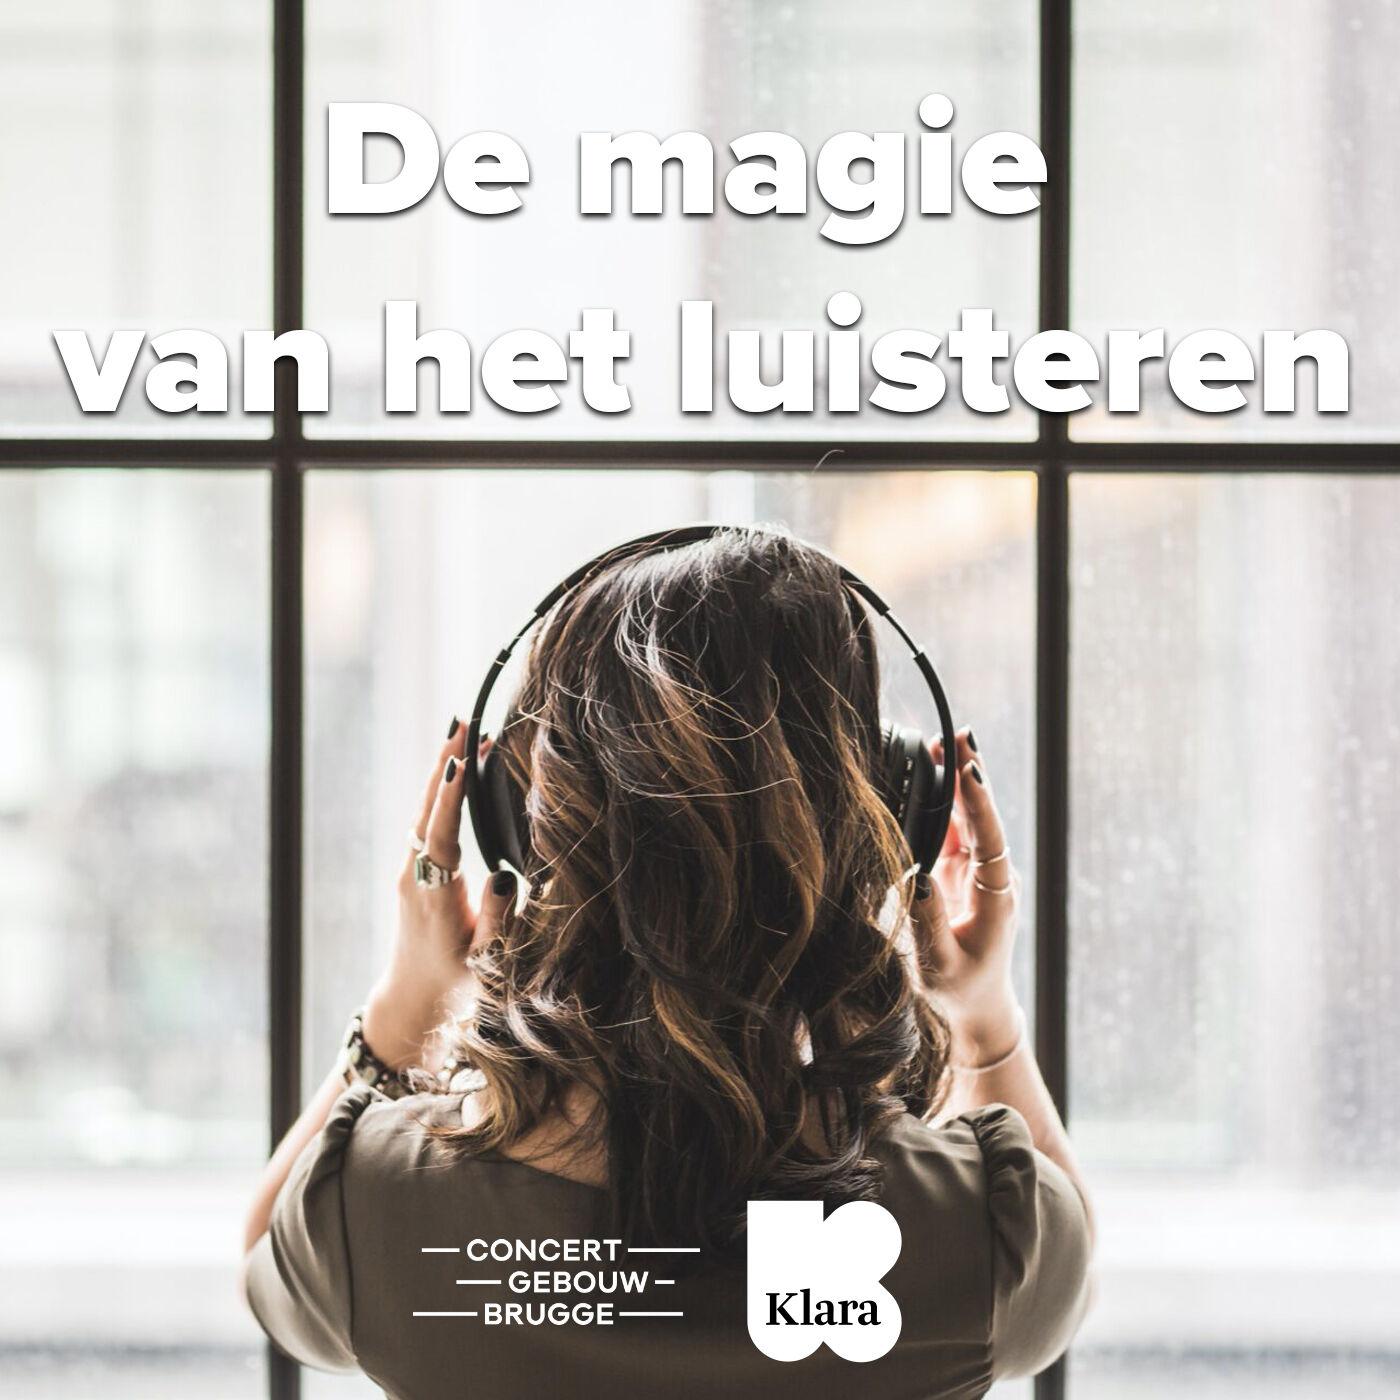 De magie van het luisteren logo